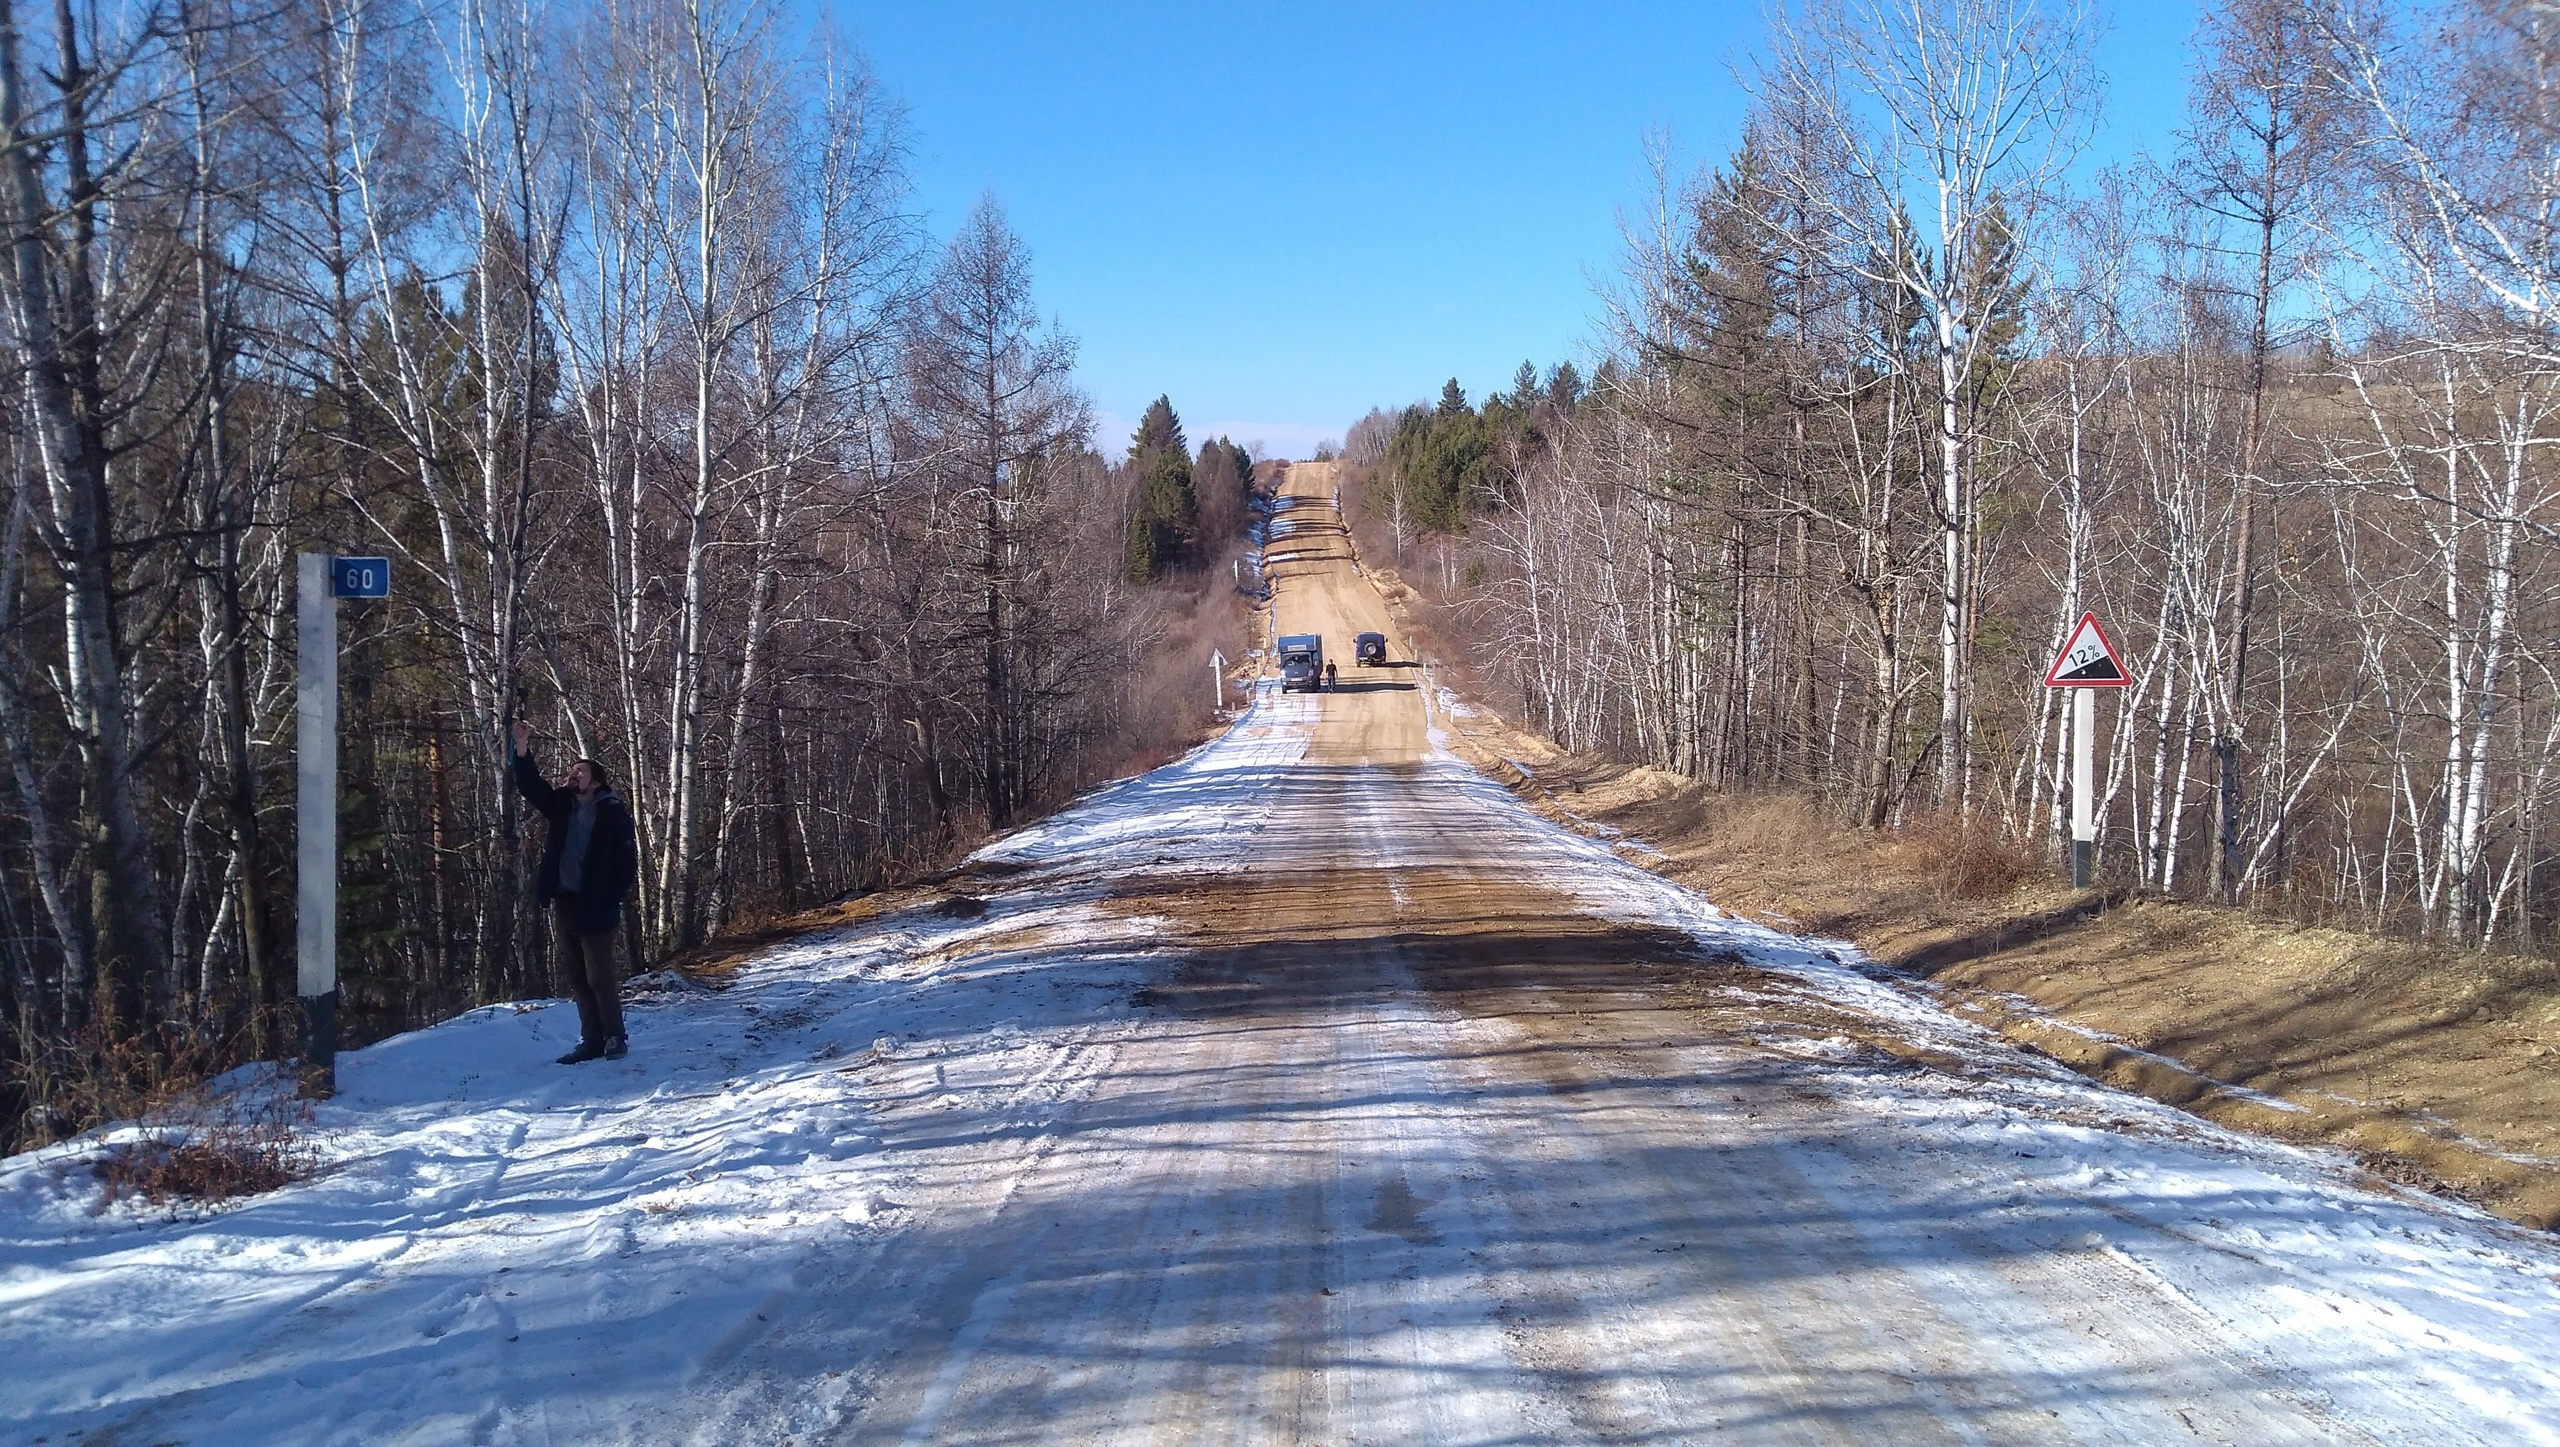 На ремонт дорог Забайкалью на 5 лет выделили более 13 млрд. руб., столько же необходимо на ремонт 2 км МКАД